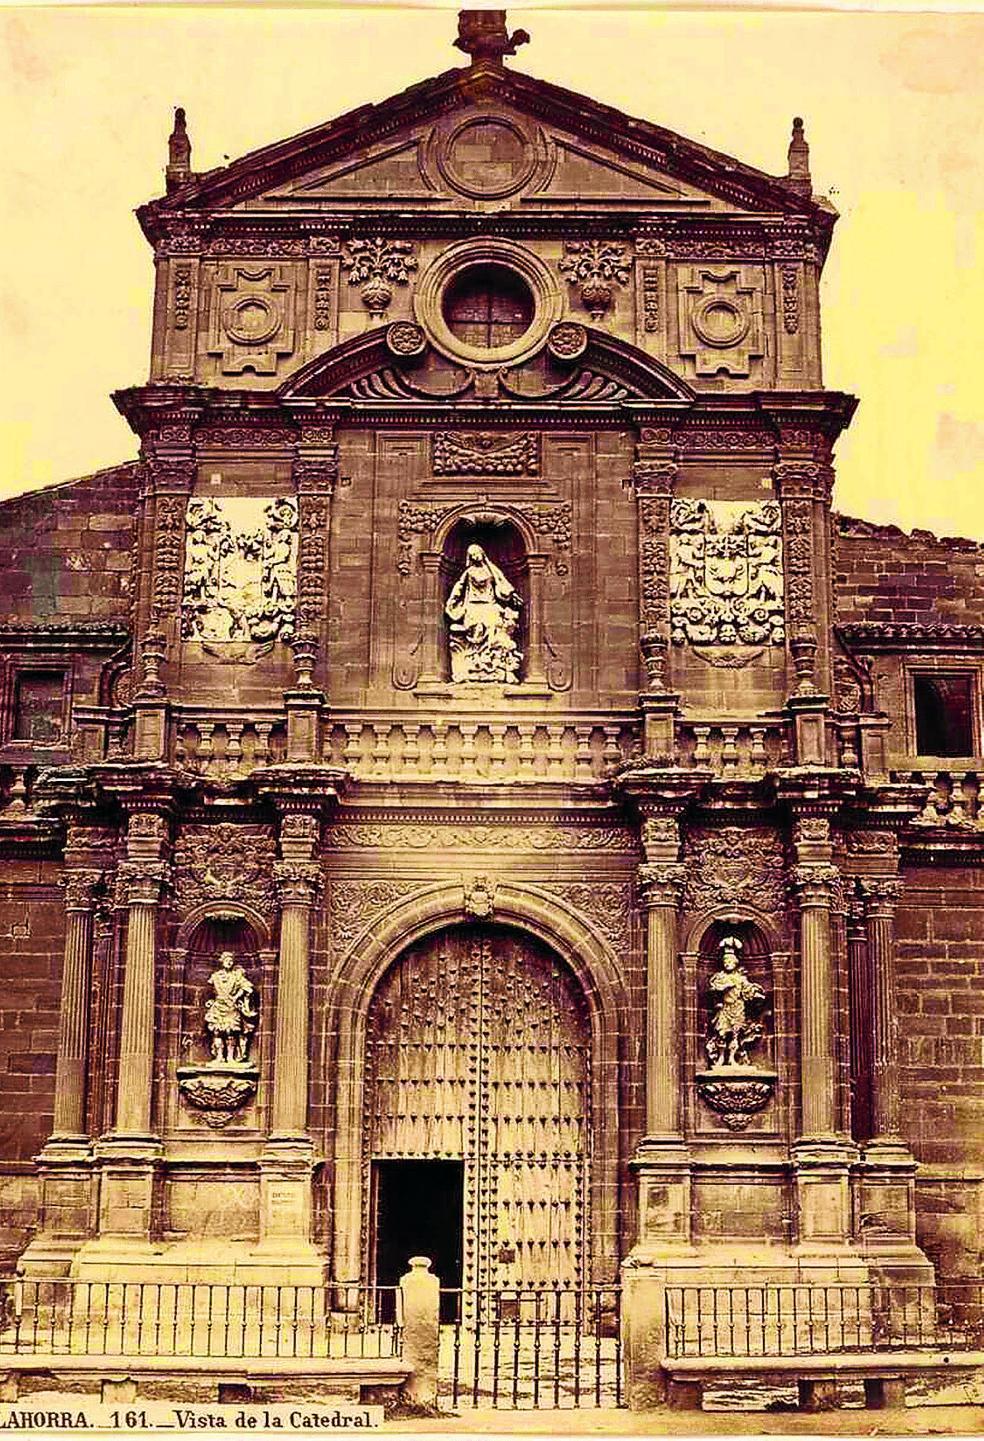 Fachada principal de la catedral de Calahorra